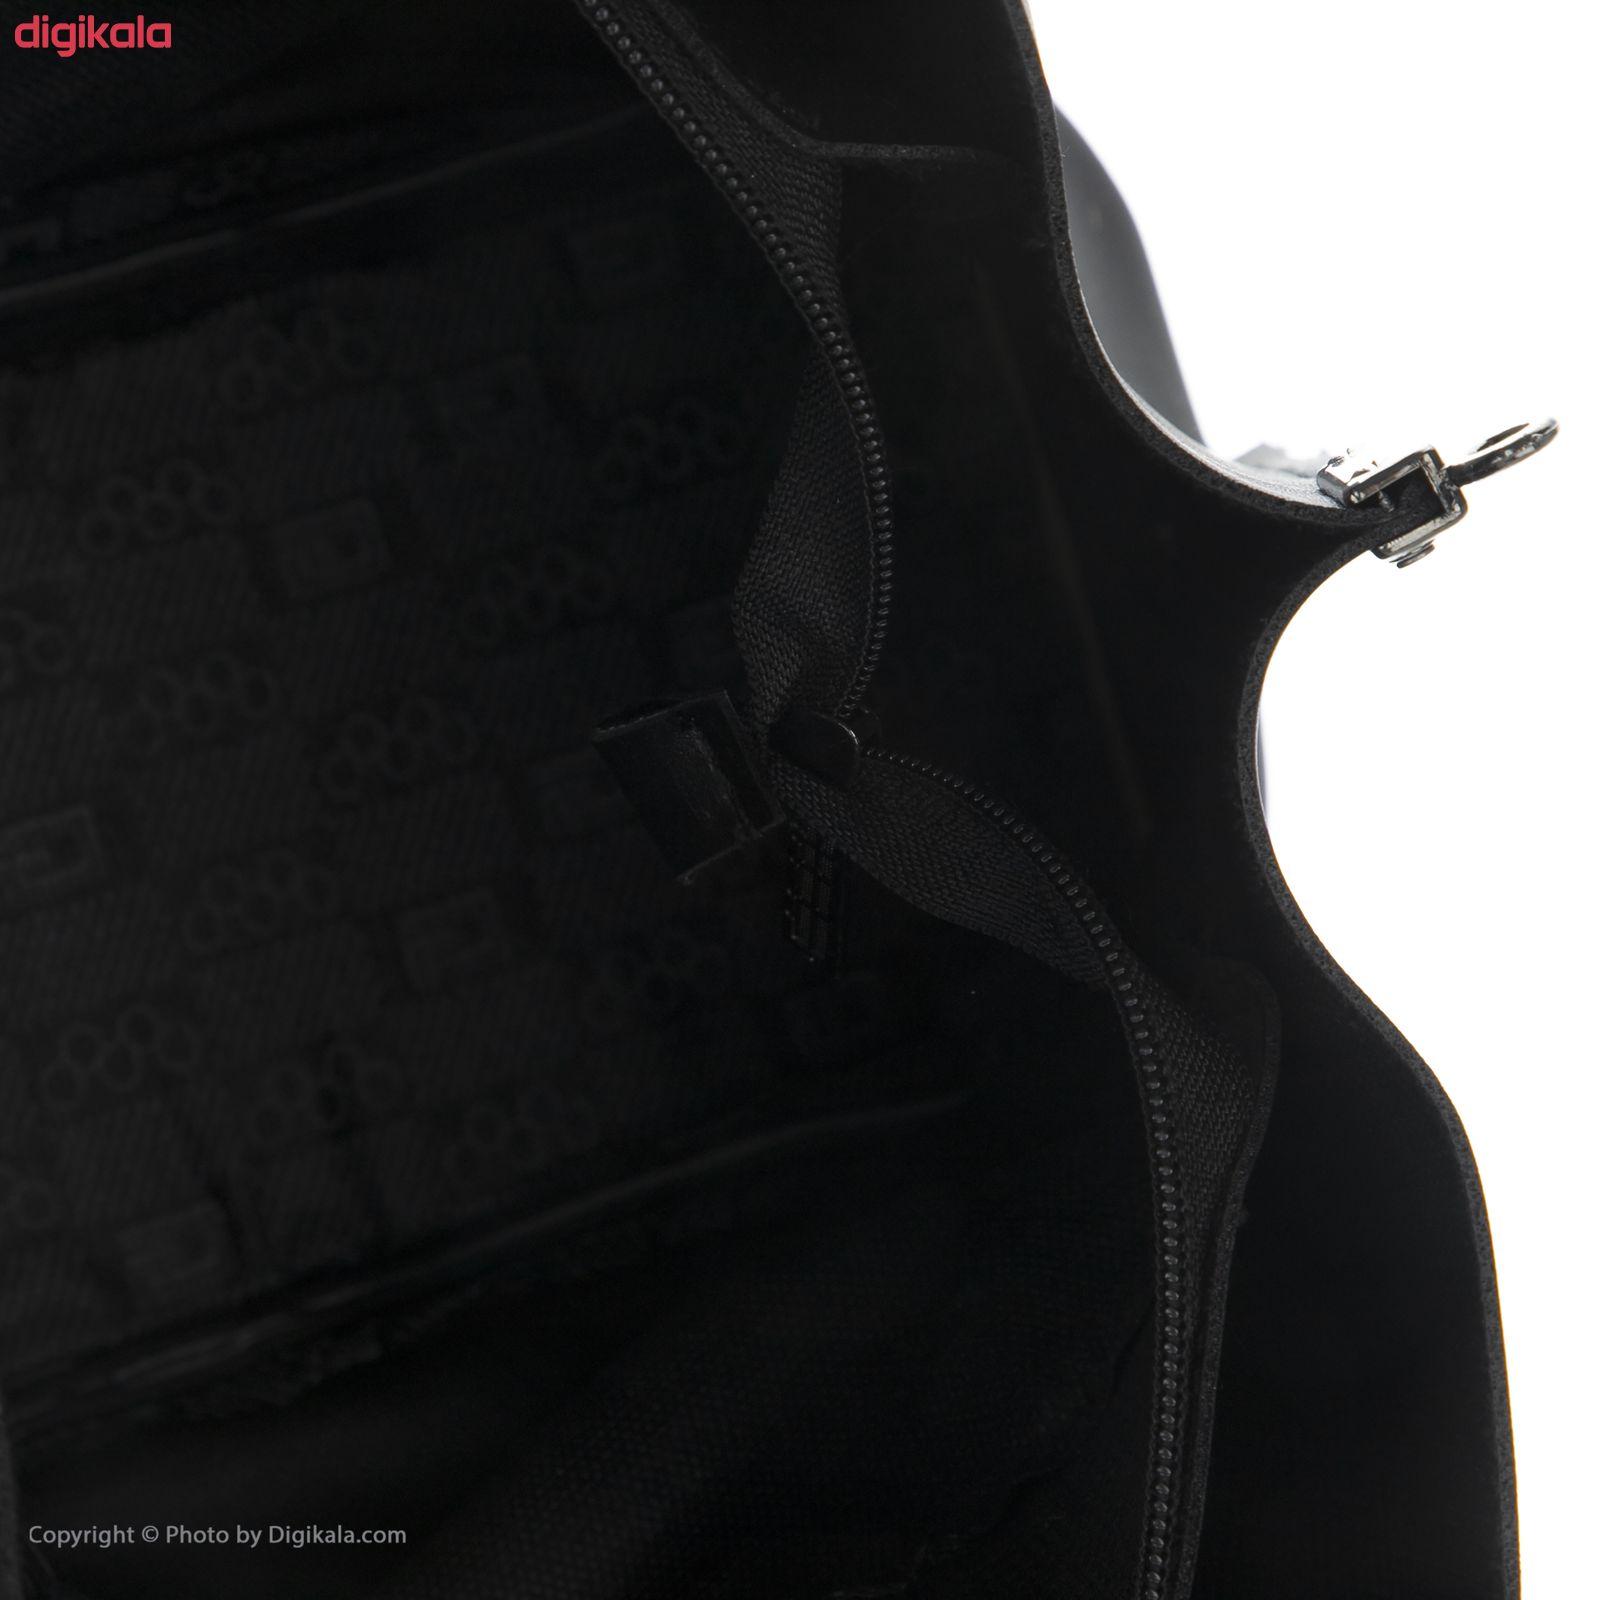 کیف دستی زنانه مدل A1400 main 1 4